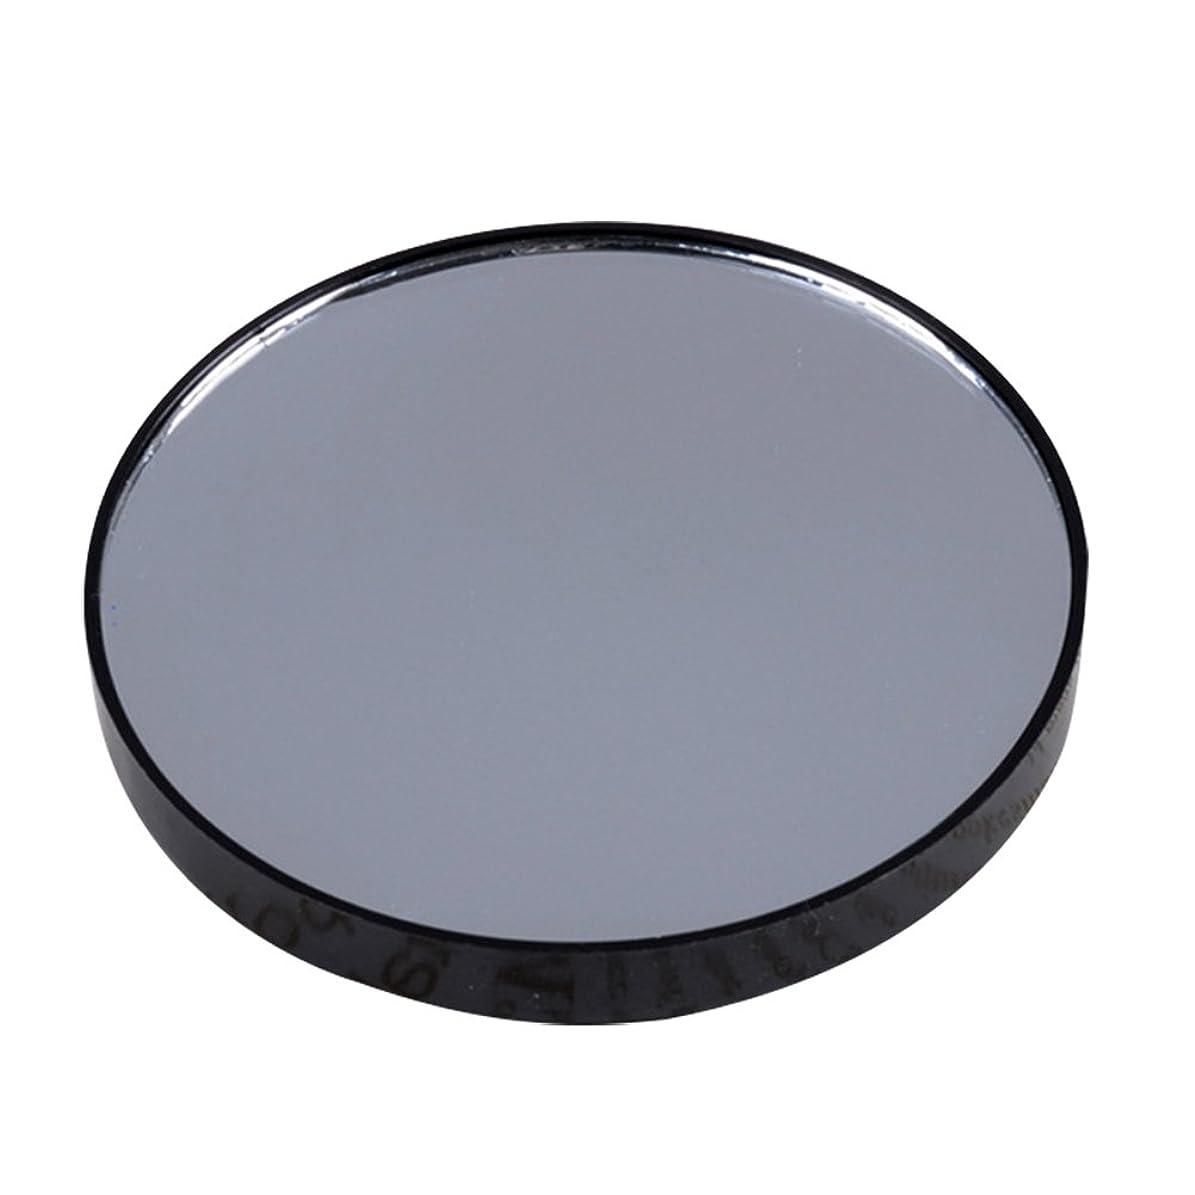 行動肥沃な継続中YideaHome メイクアップミラー 化粧鏡 拡大鏡 5倍 10倍 15倍 強力吸盤付き メイクミラー 化粧ミラー (10倍)